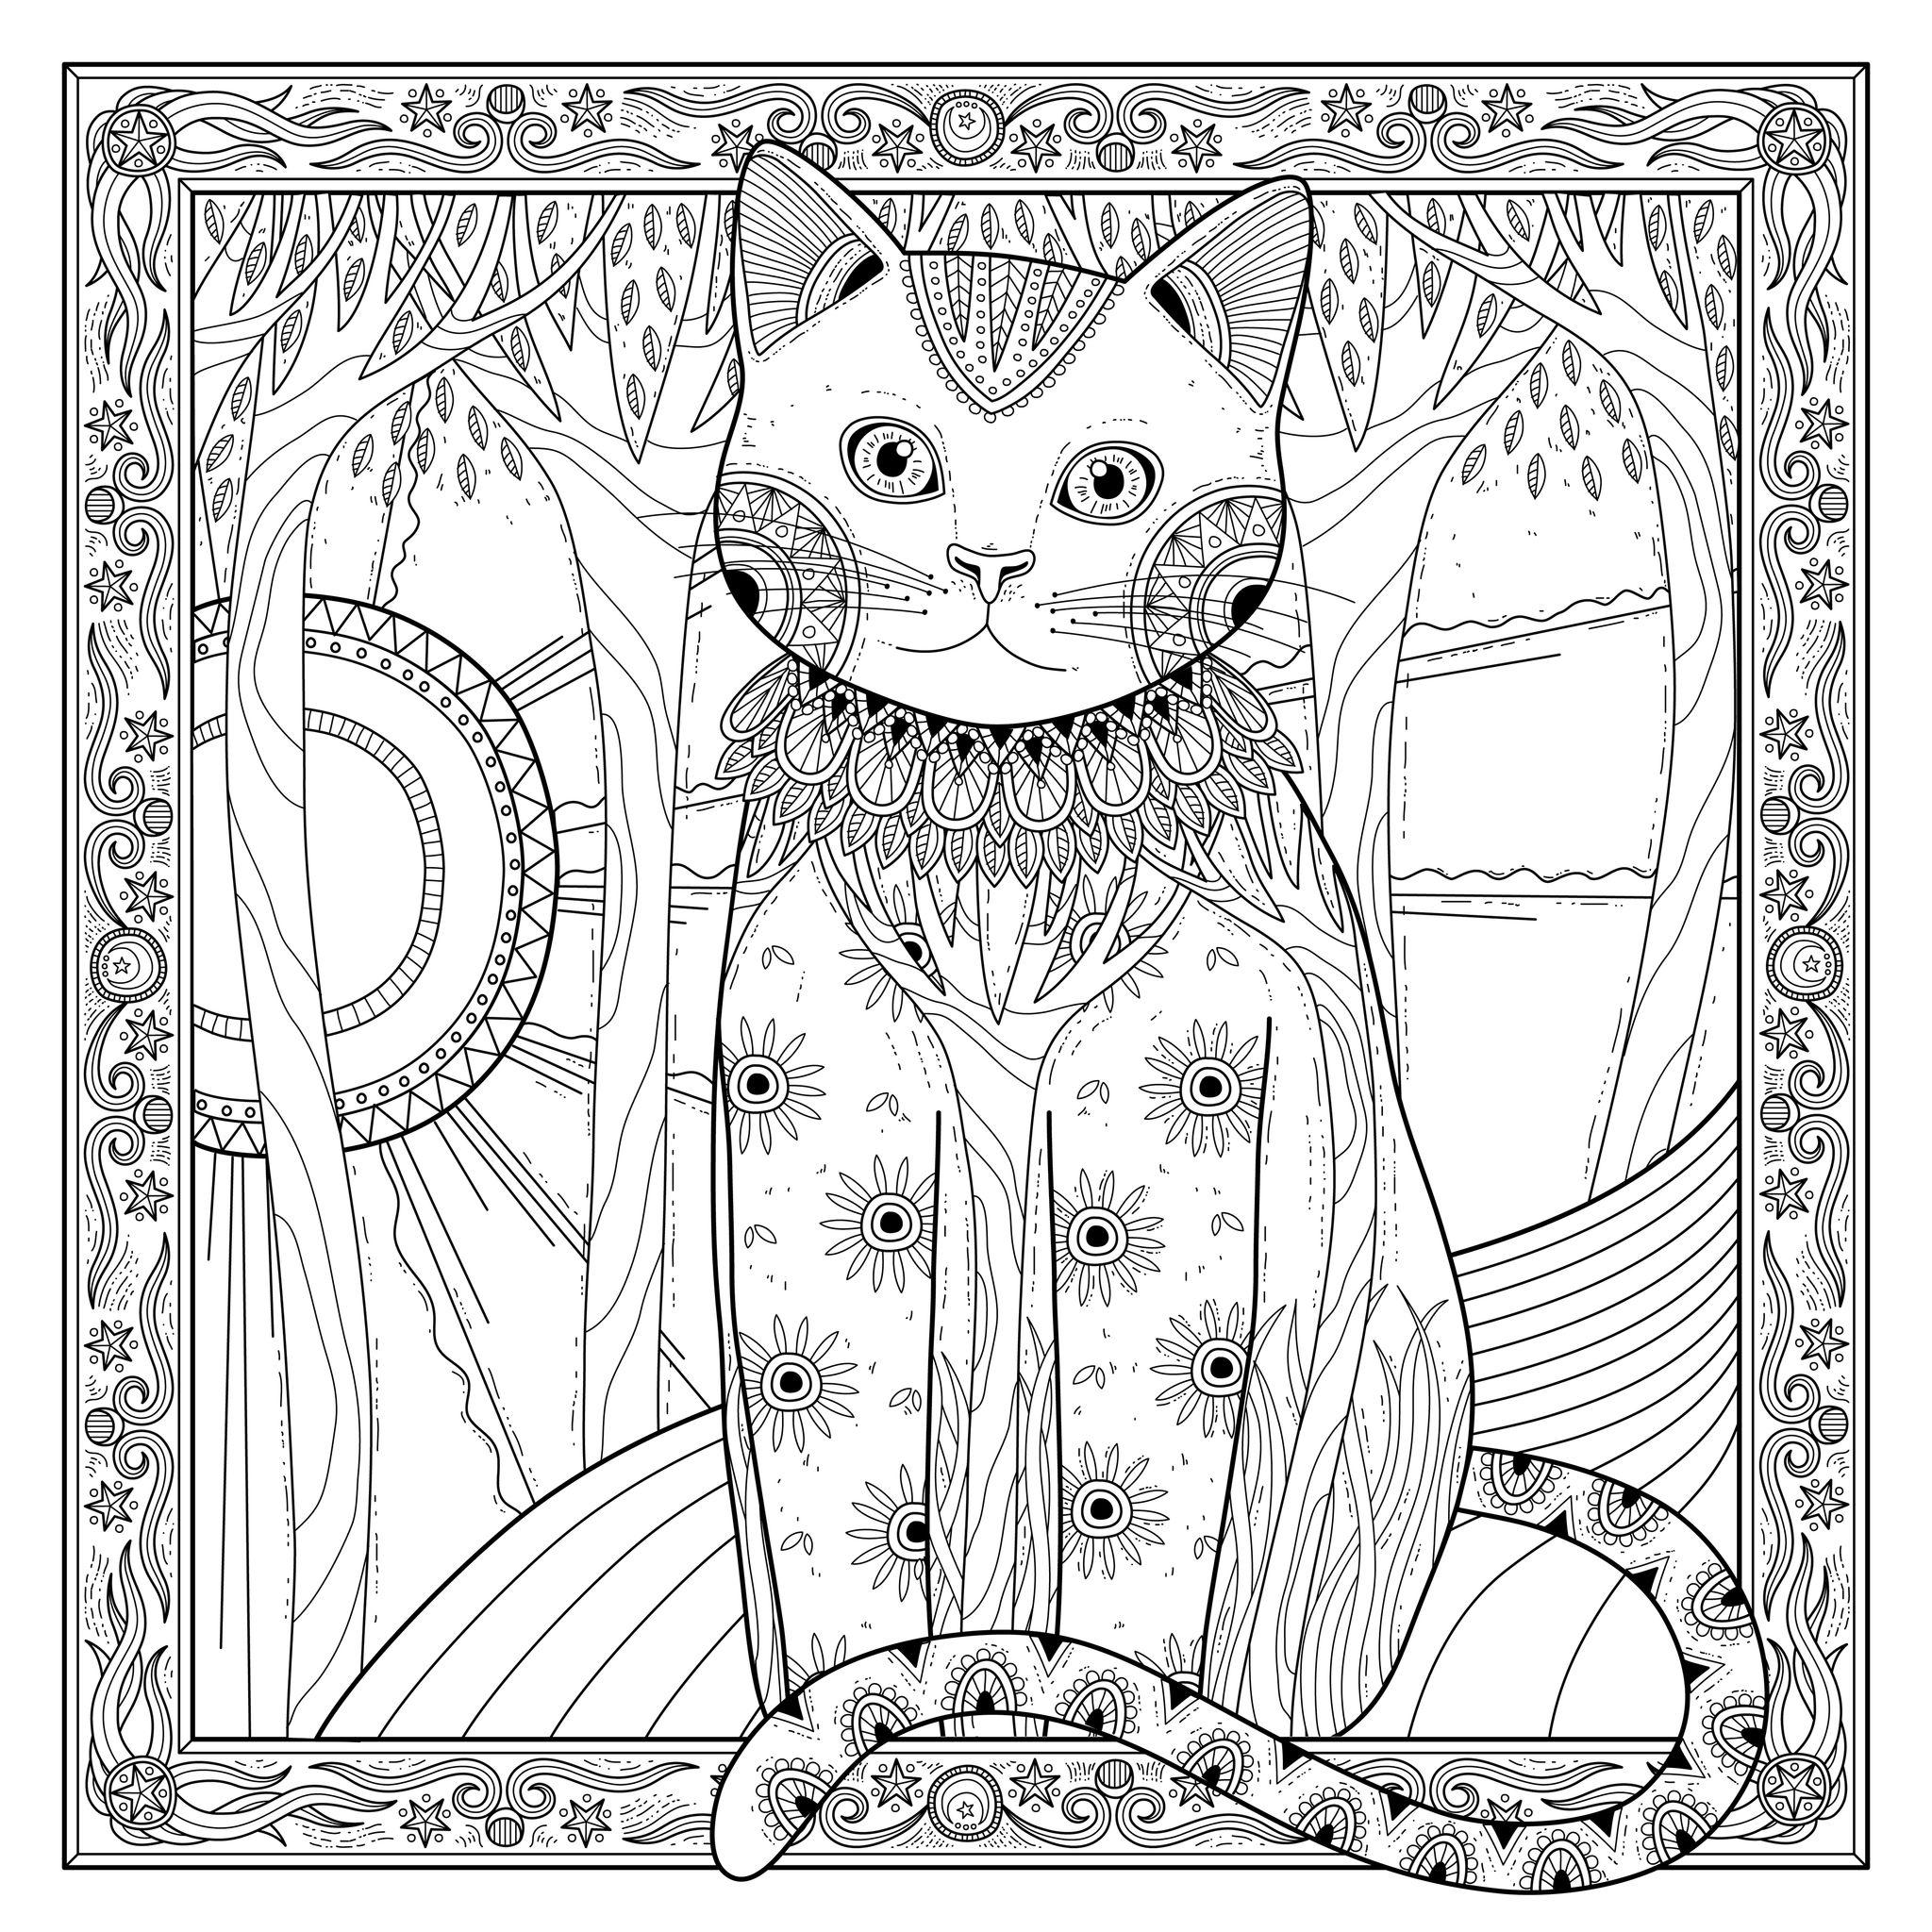 Gatos 40791 - Gatos - Colorear para Adultos